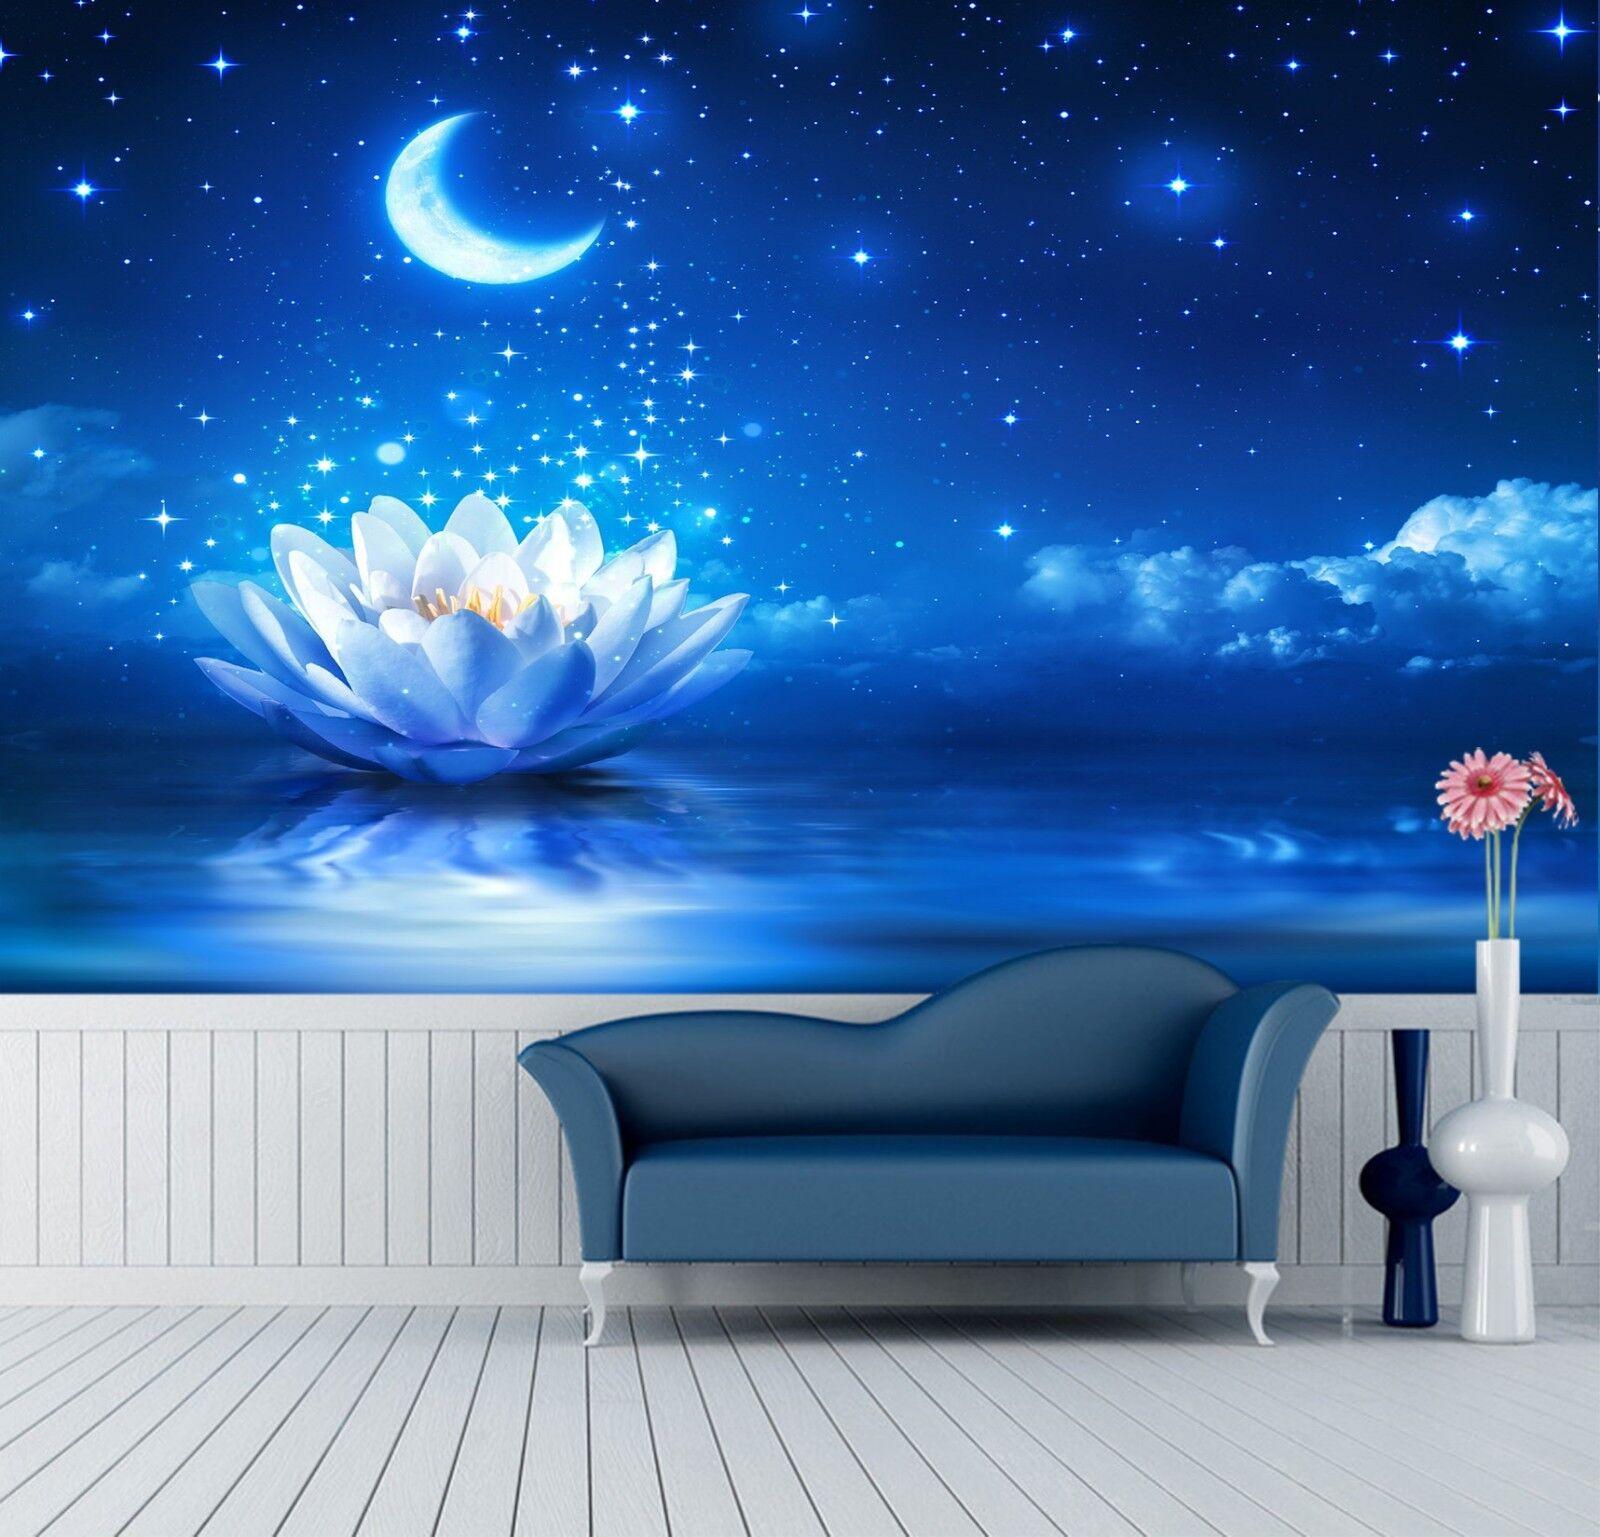 3D Moon Lotus 7250 Wallpaper Mural Wall Print Wall Wallpaper Murals US Lemon